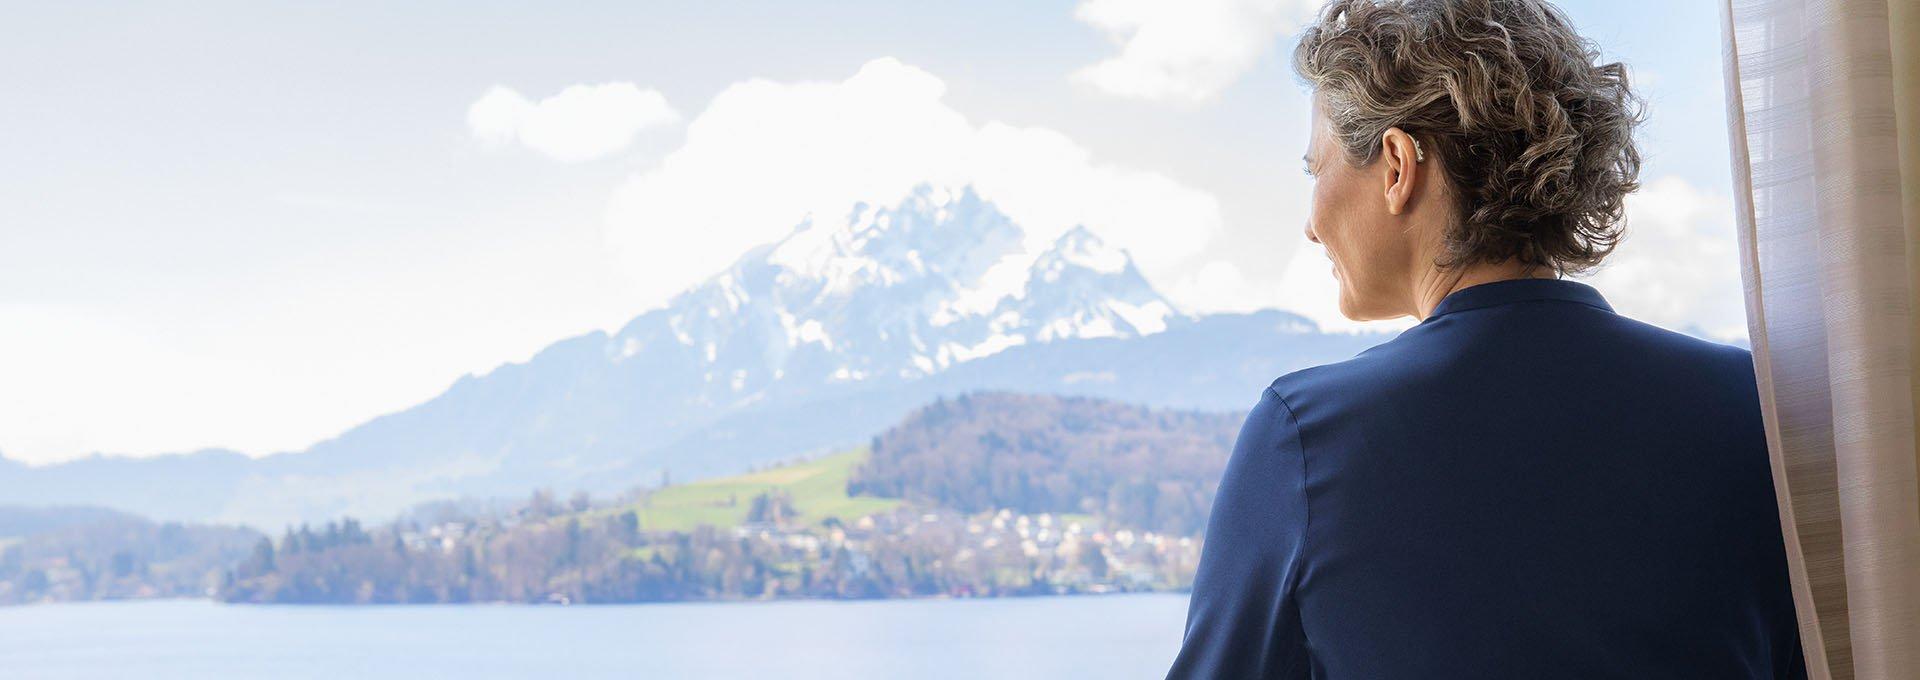 Vrouw met Bernafon Alpha hoortoestellen geniet van Zwitsers meer- en bergzicht vanuit hotelraam